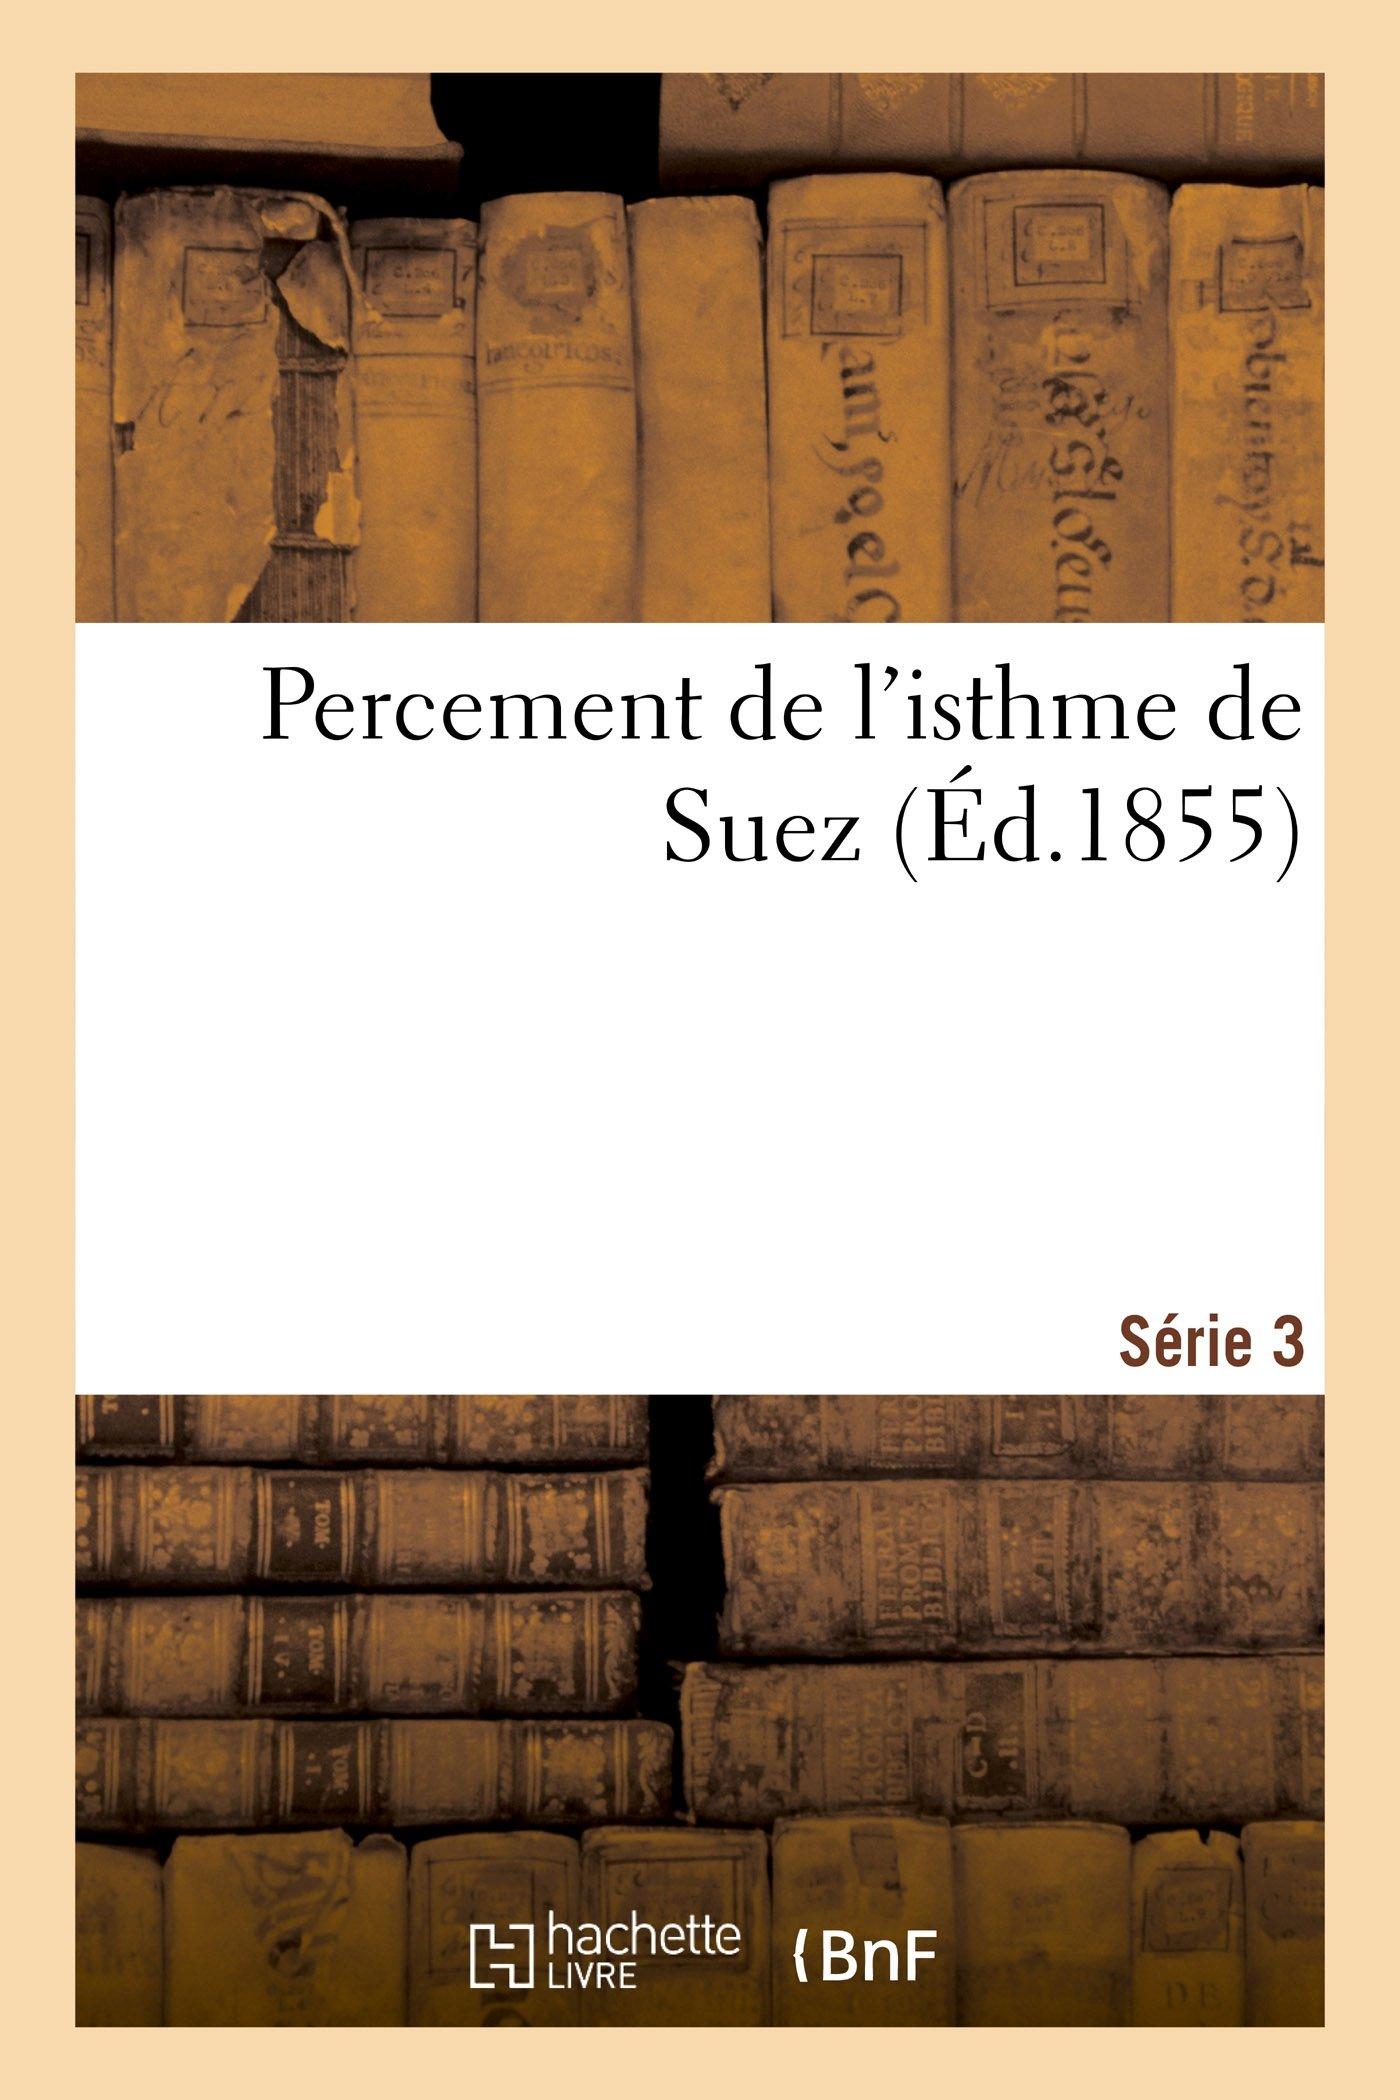 Percement de l'isthme de Suez (Éd.1855) Série 3 (Histoire) (French Edition) pdf epub